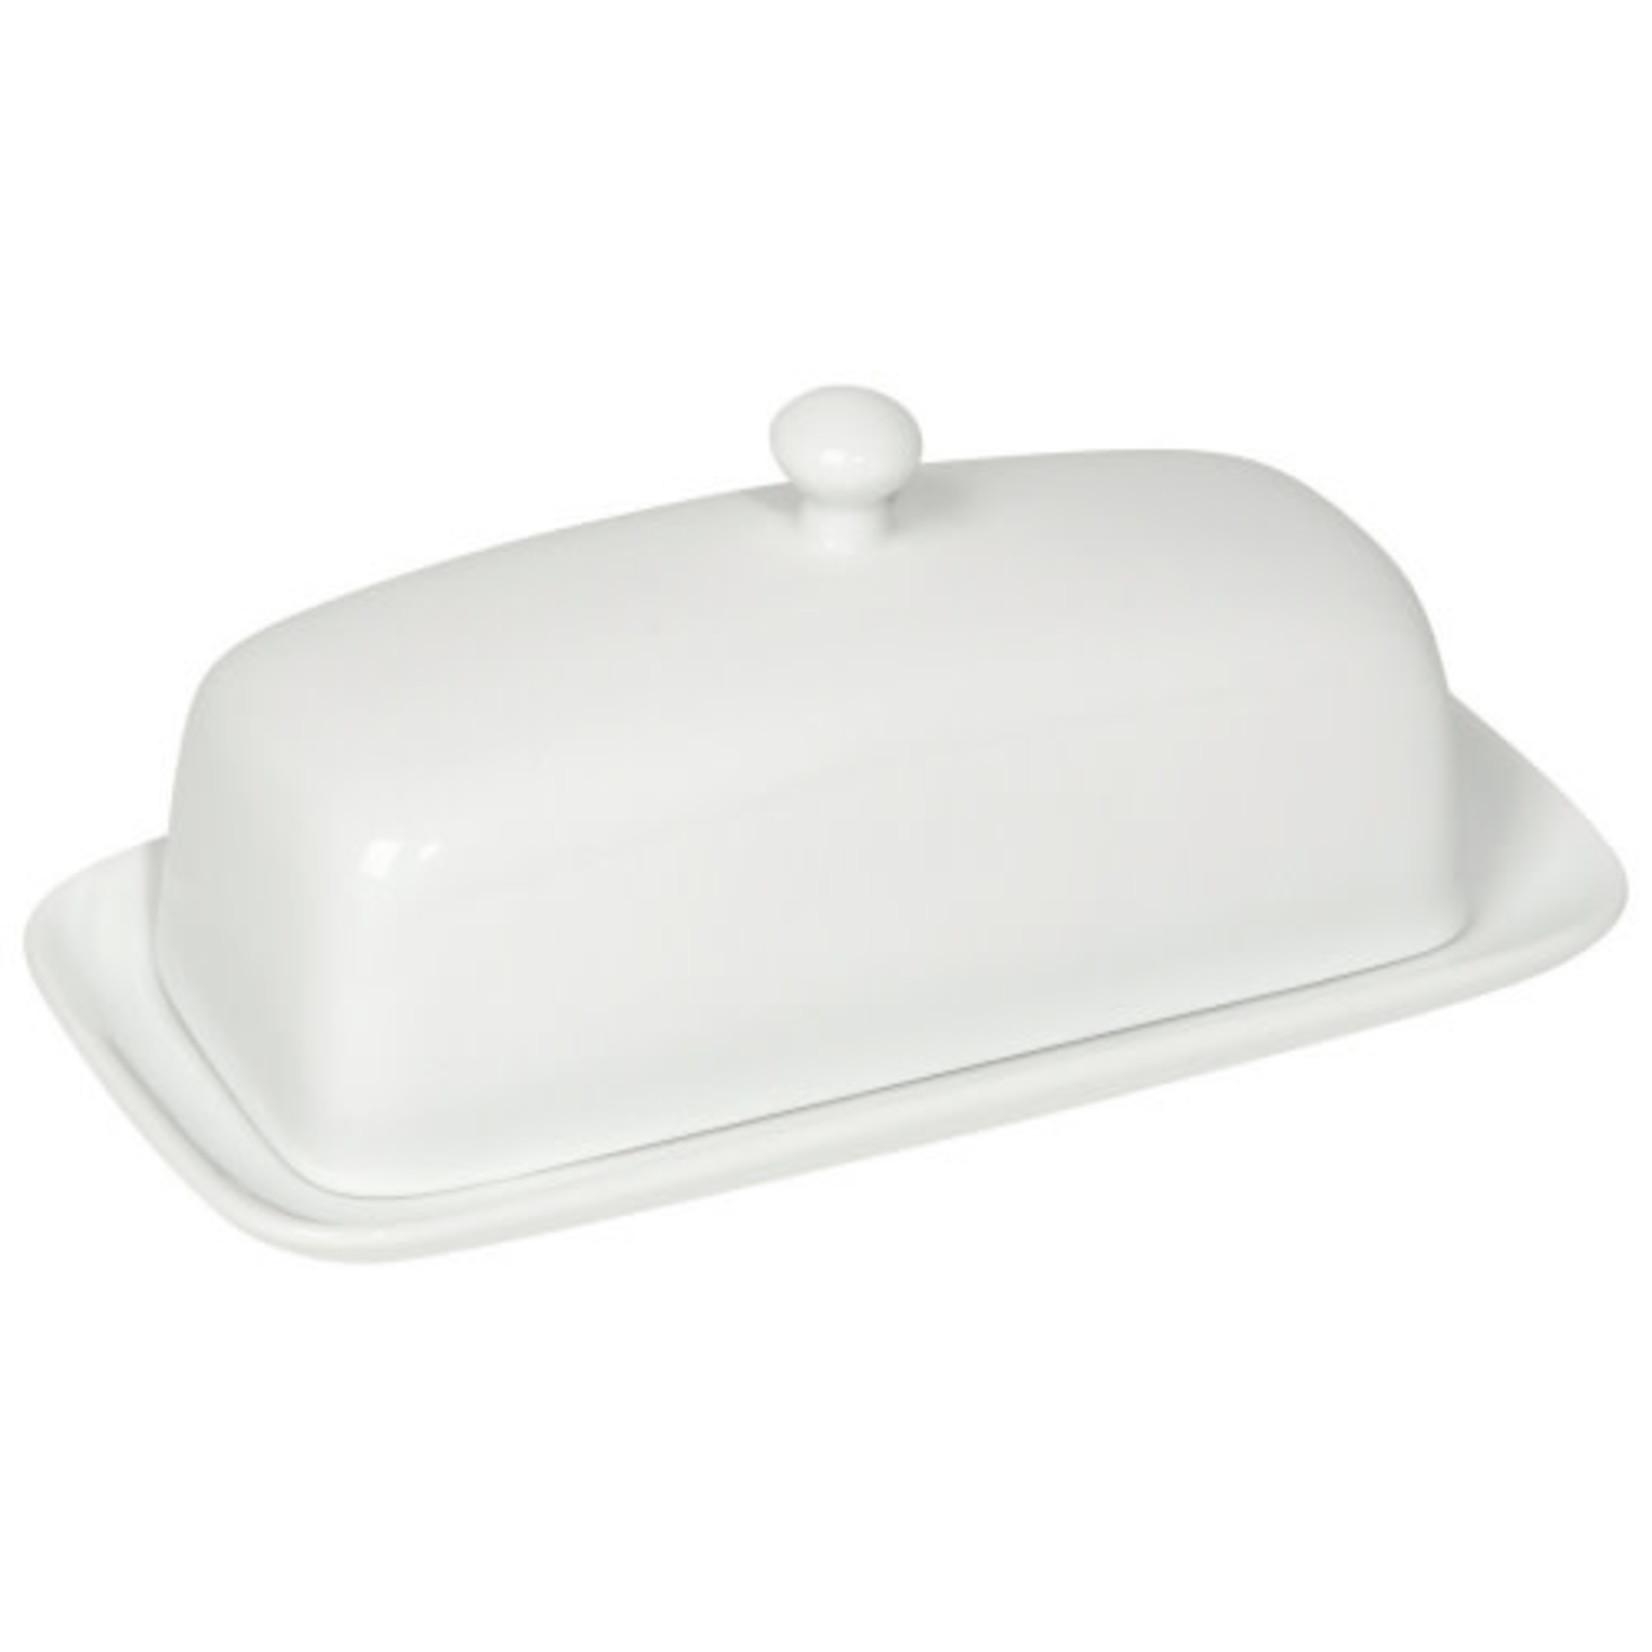 Danica Butter Dish rect. white